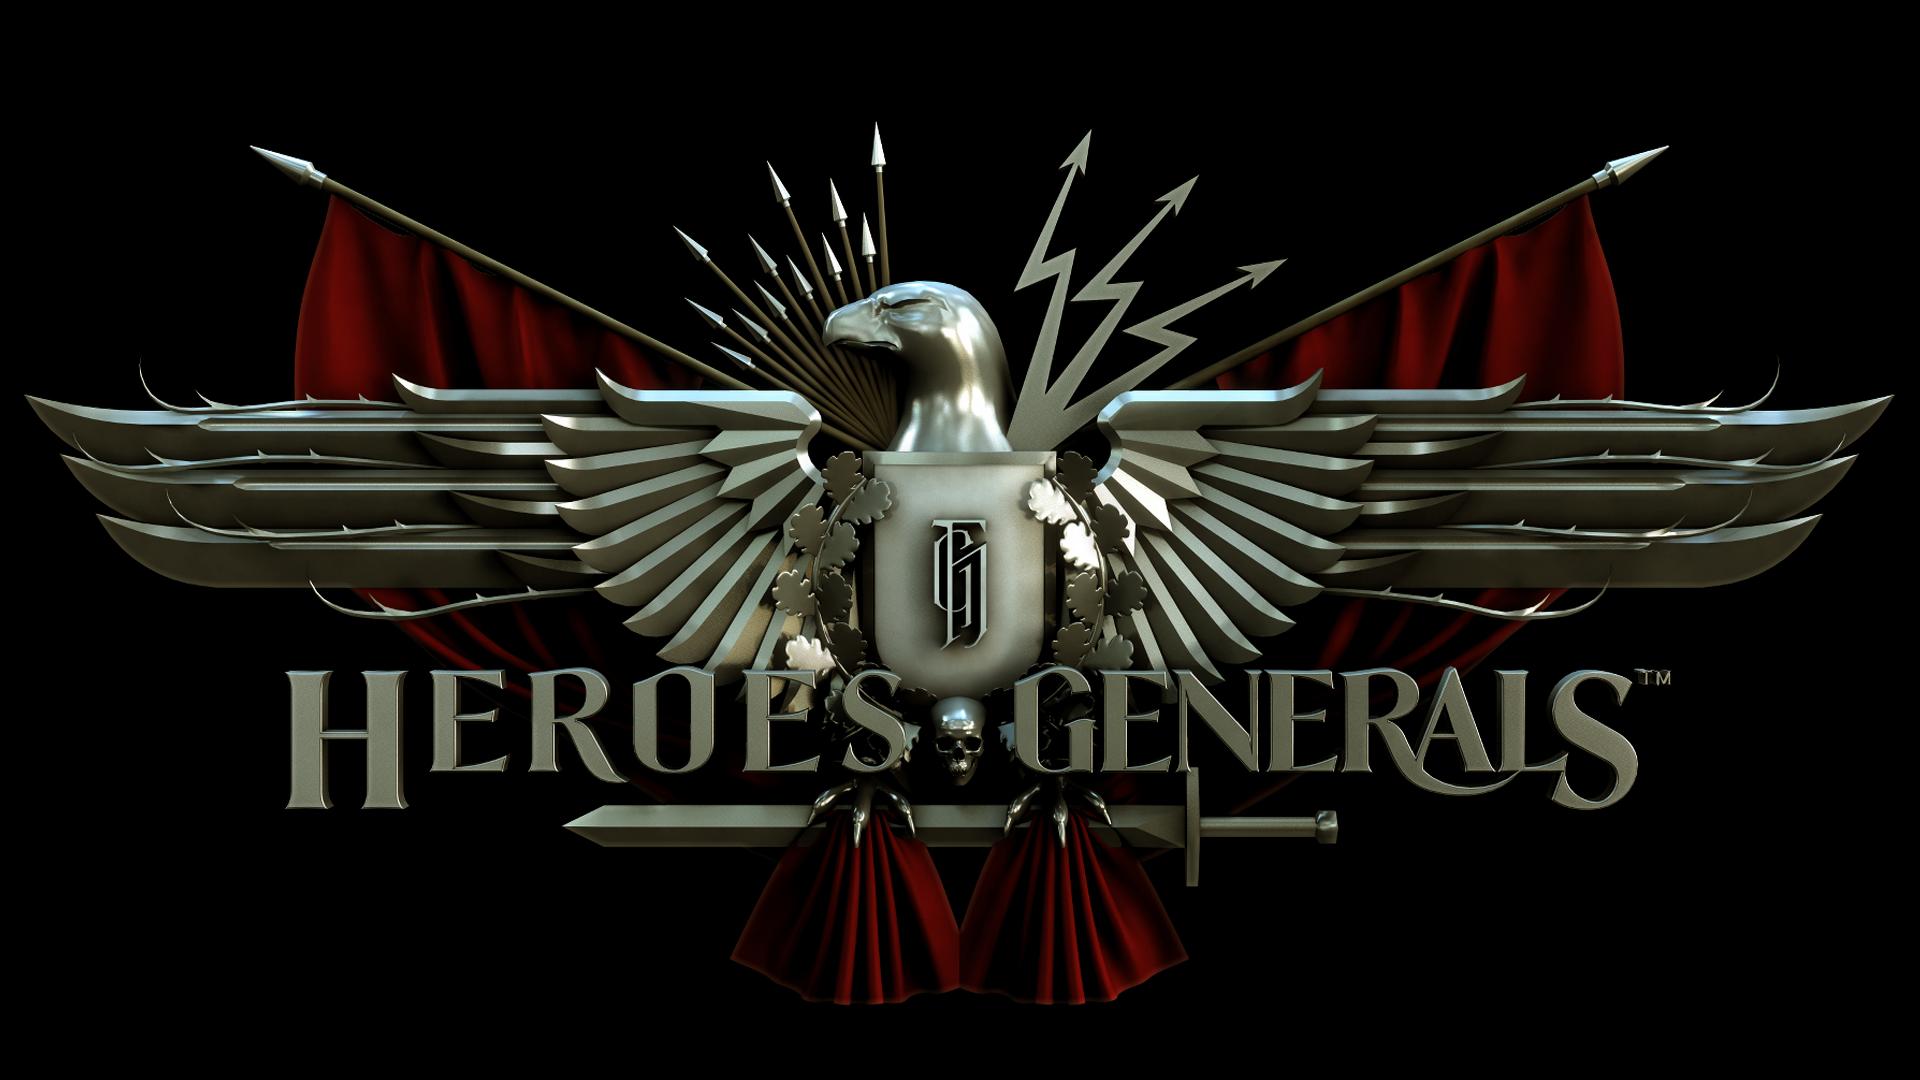 http://media.moddb.com/images/games/1/16/15636/HG_1080.png